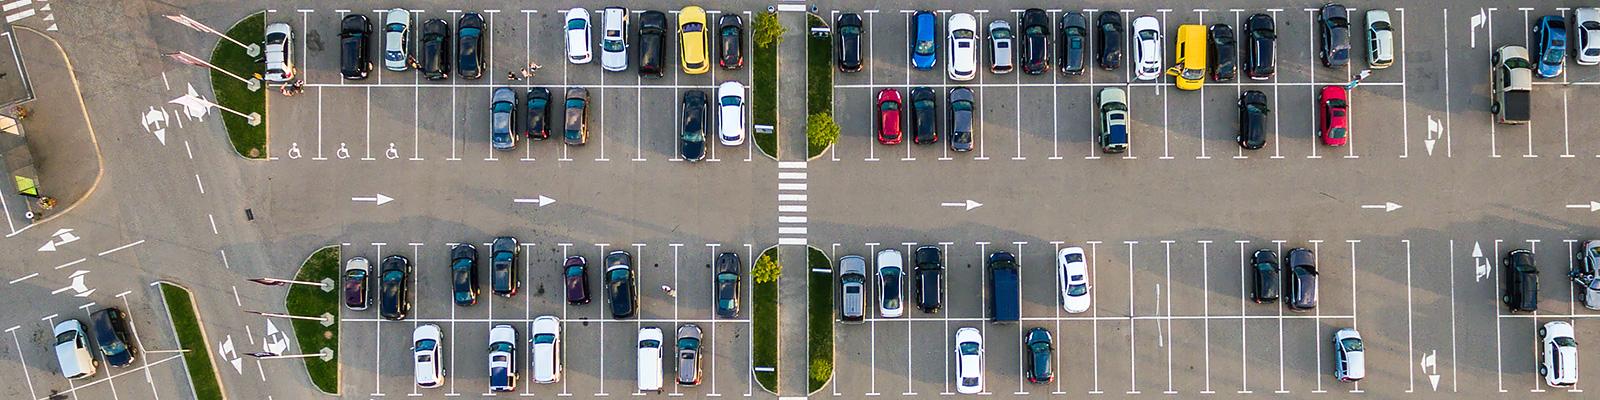 駐車場 自動車 イメージ